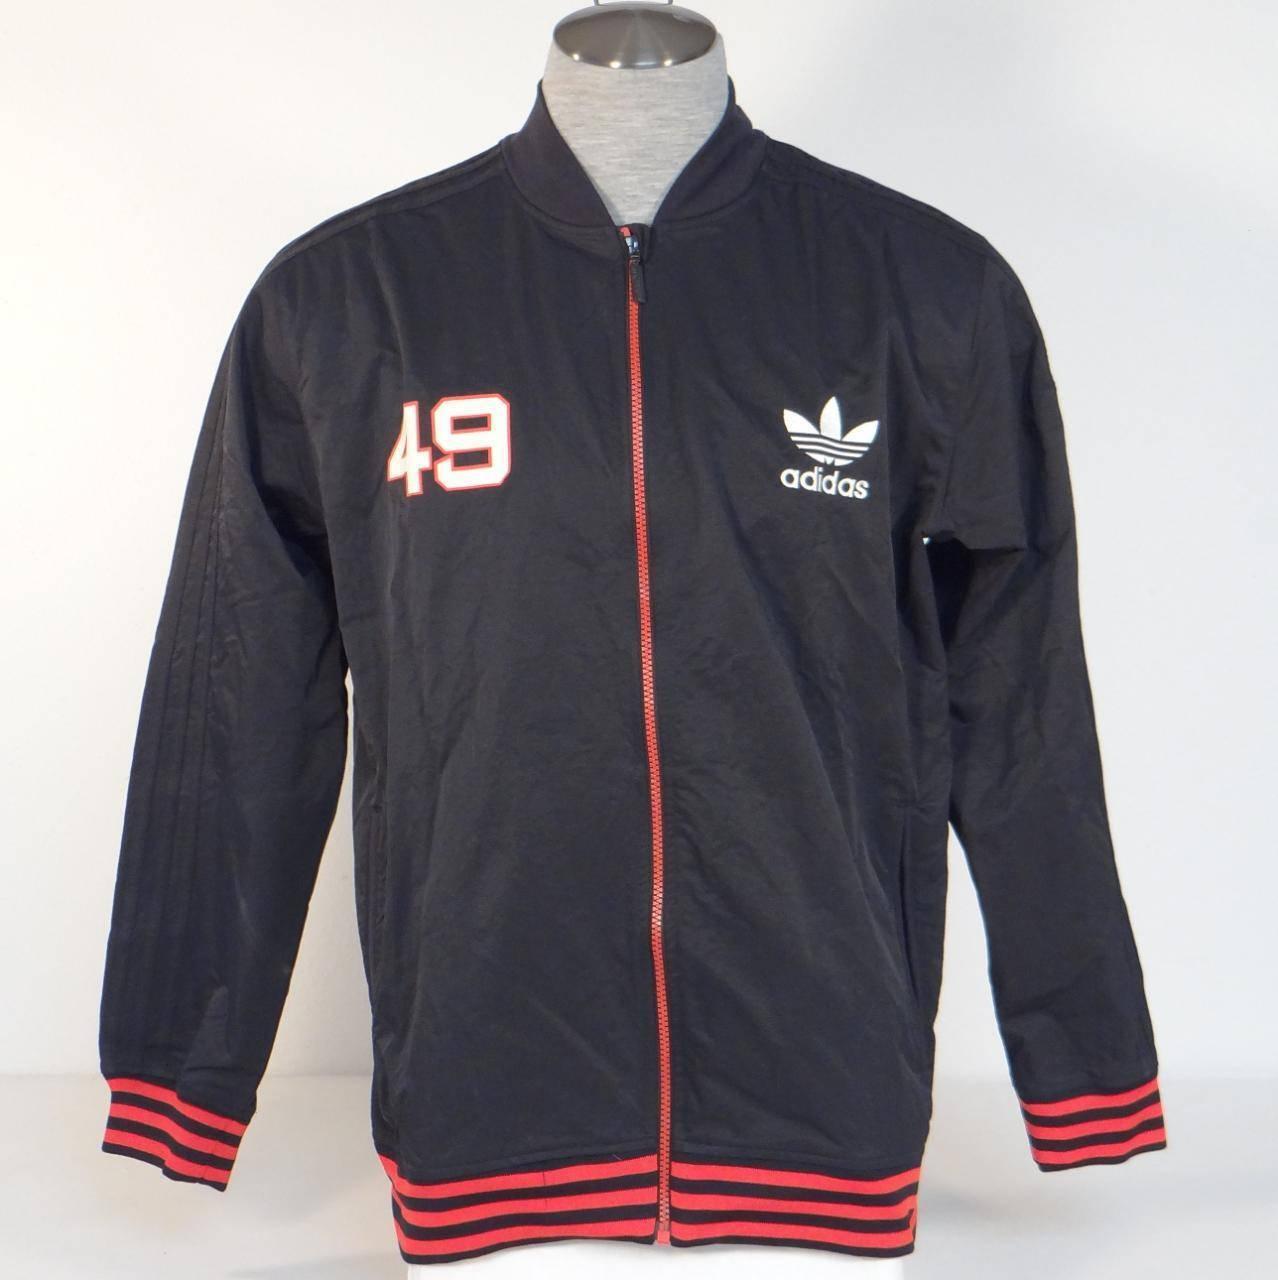 Adidas Trefoil Aláírás Akadémia Crest Fekete Nylon Póló Mellény NWT